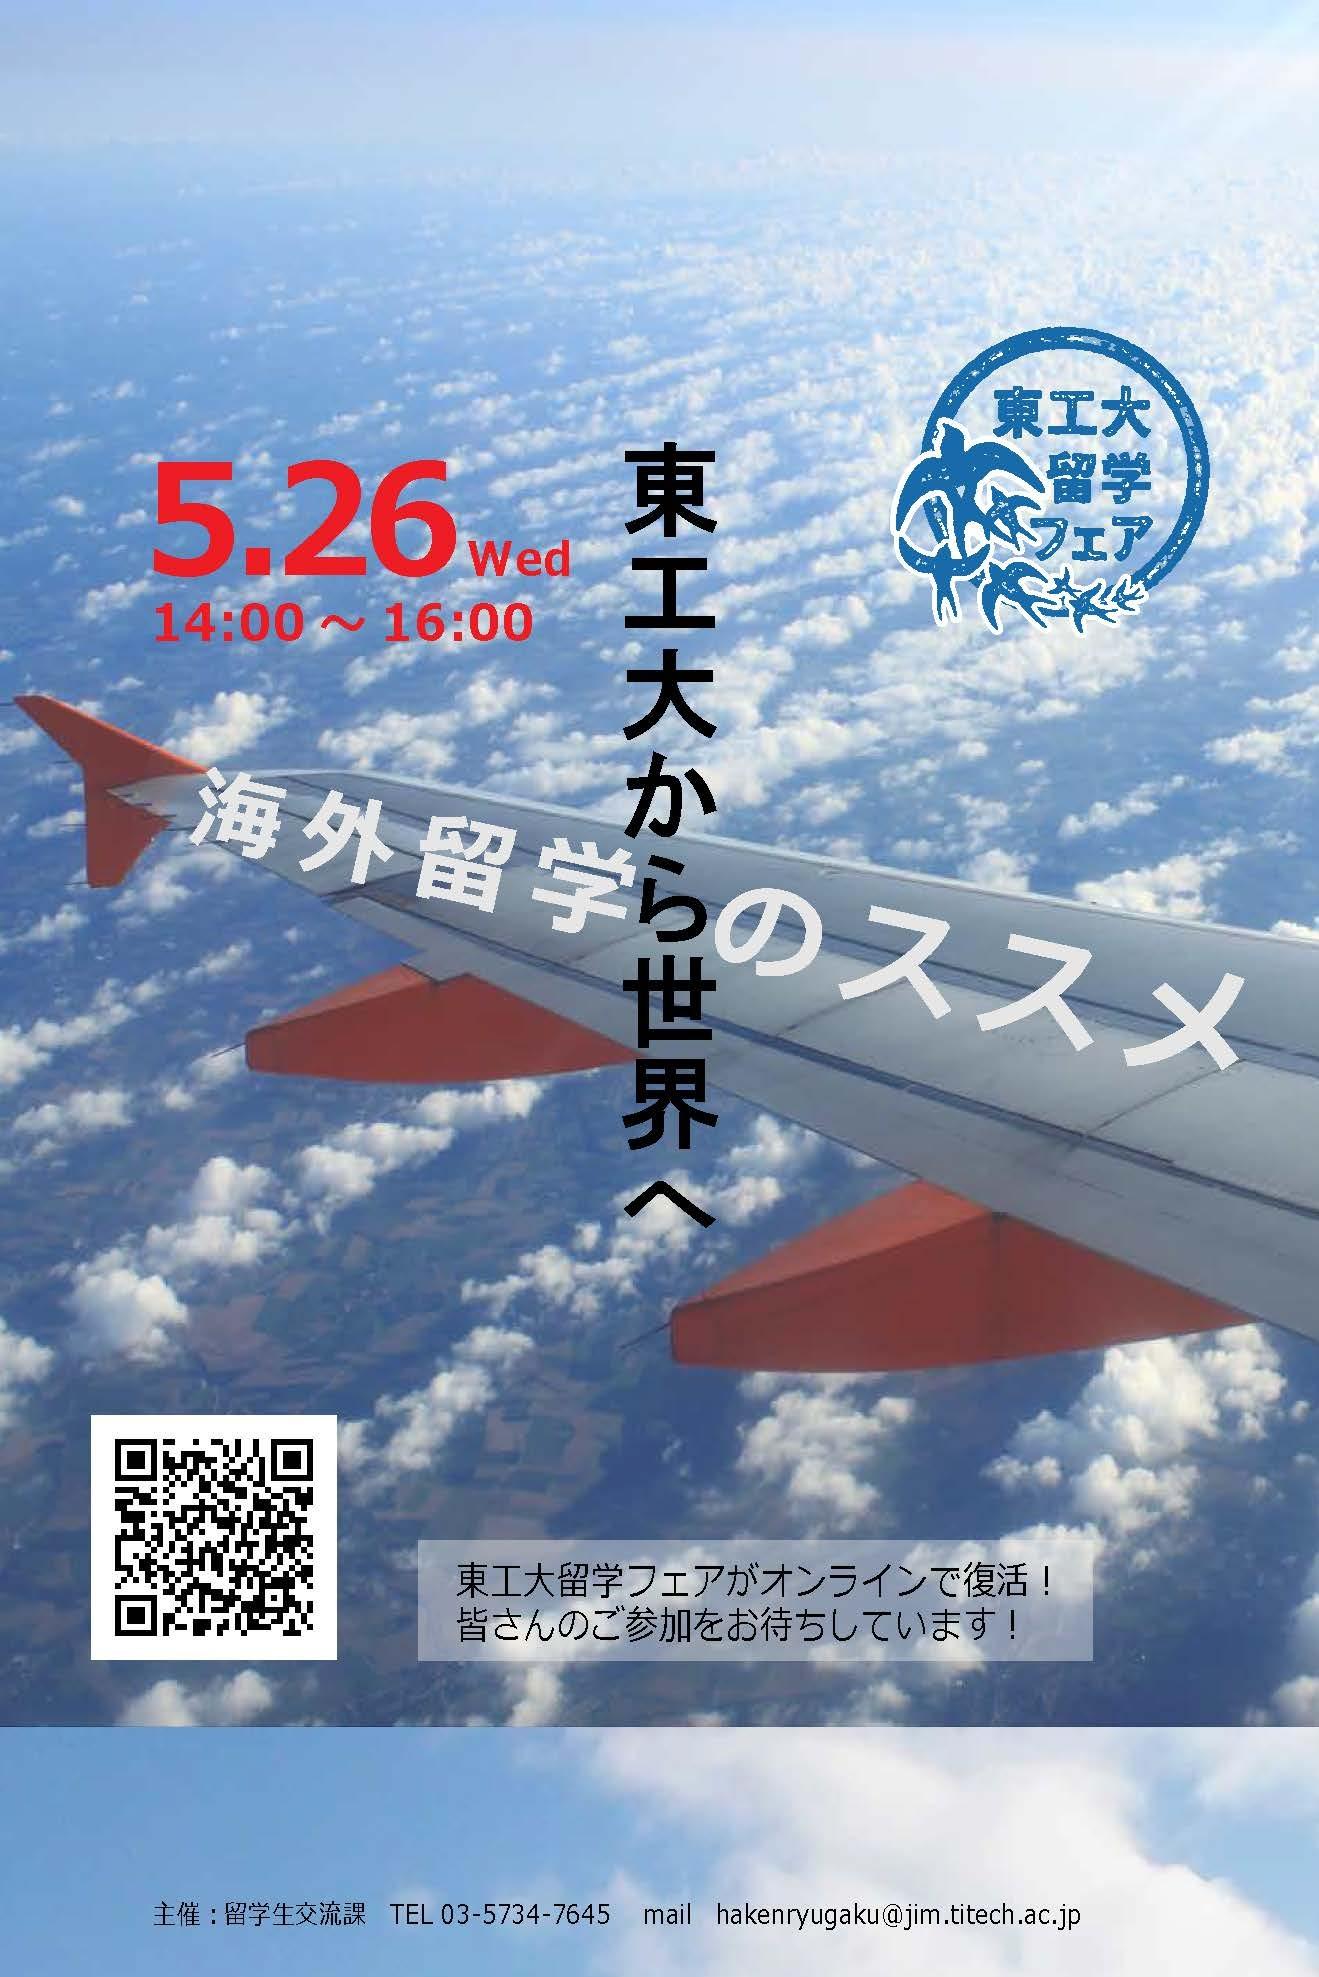 留学フェア(5/26 14:00~オンライン開催)